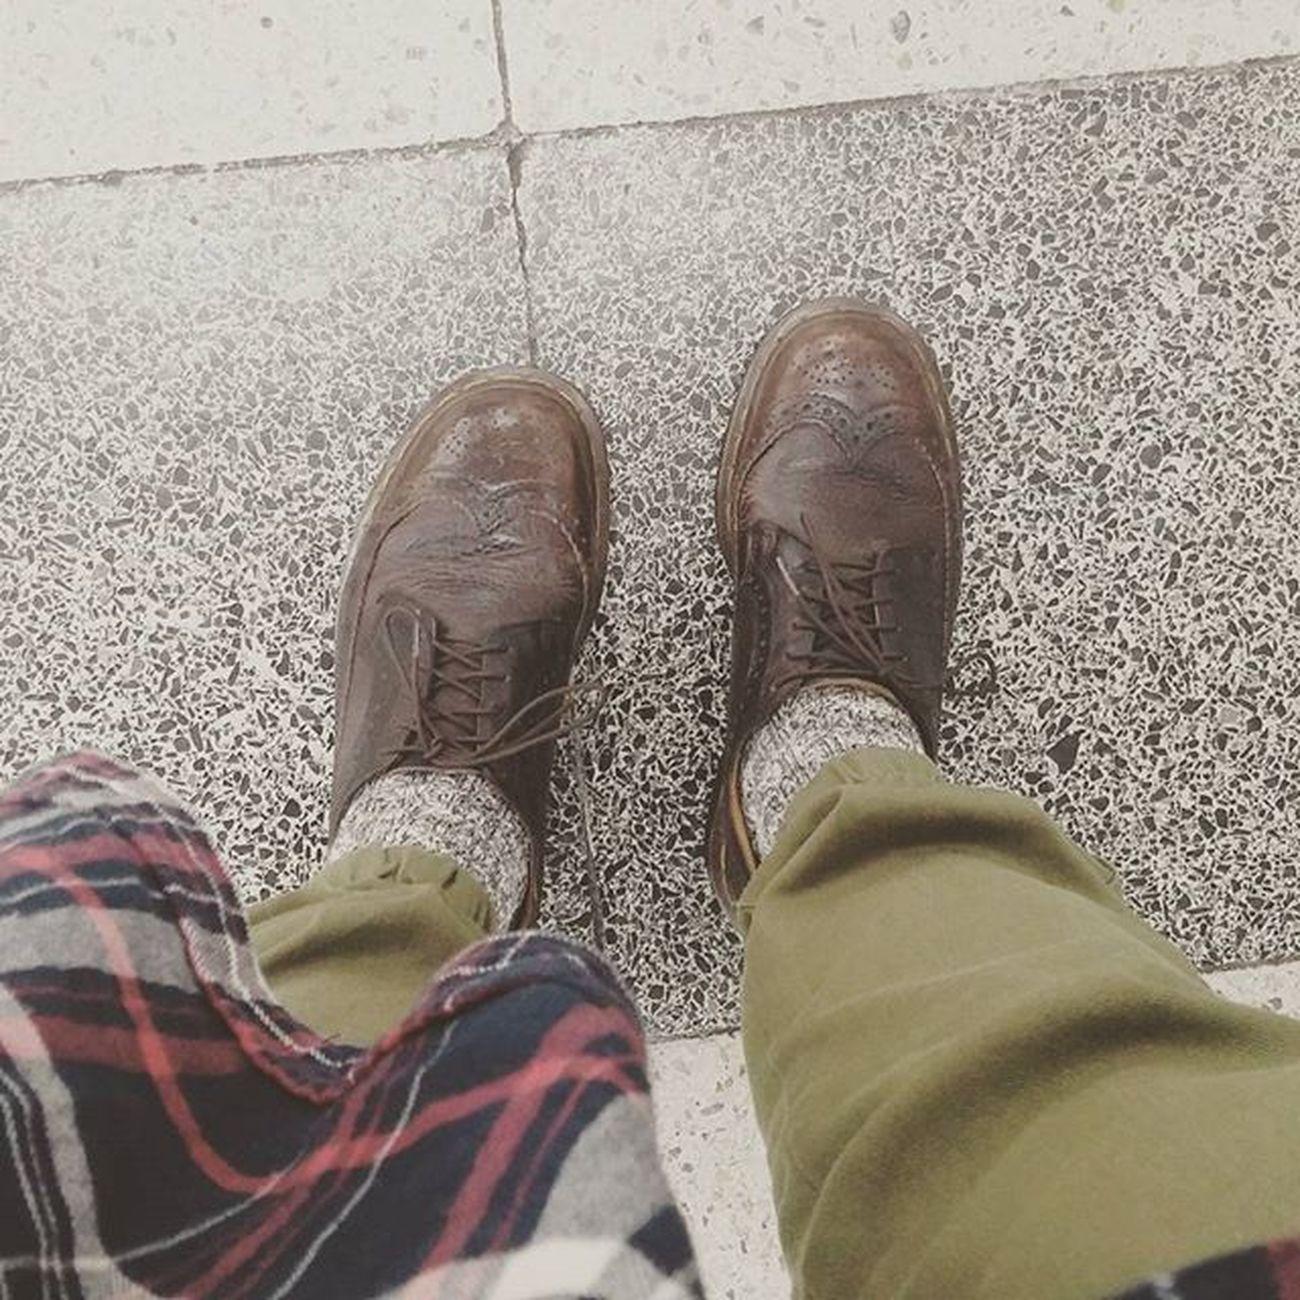 カモフラw 足首が消えてる笑 靴 ブーツ ローカット 茶色 かもふら 足首 消えてる 靴下 灰色 Dr .Martinドクターマーチン かっこいい かわいい めんこい 귀엽다 履く お気に入り これから よろしく 韓国 한국 ソウル 서울 Seoul